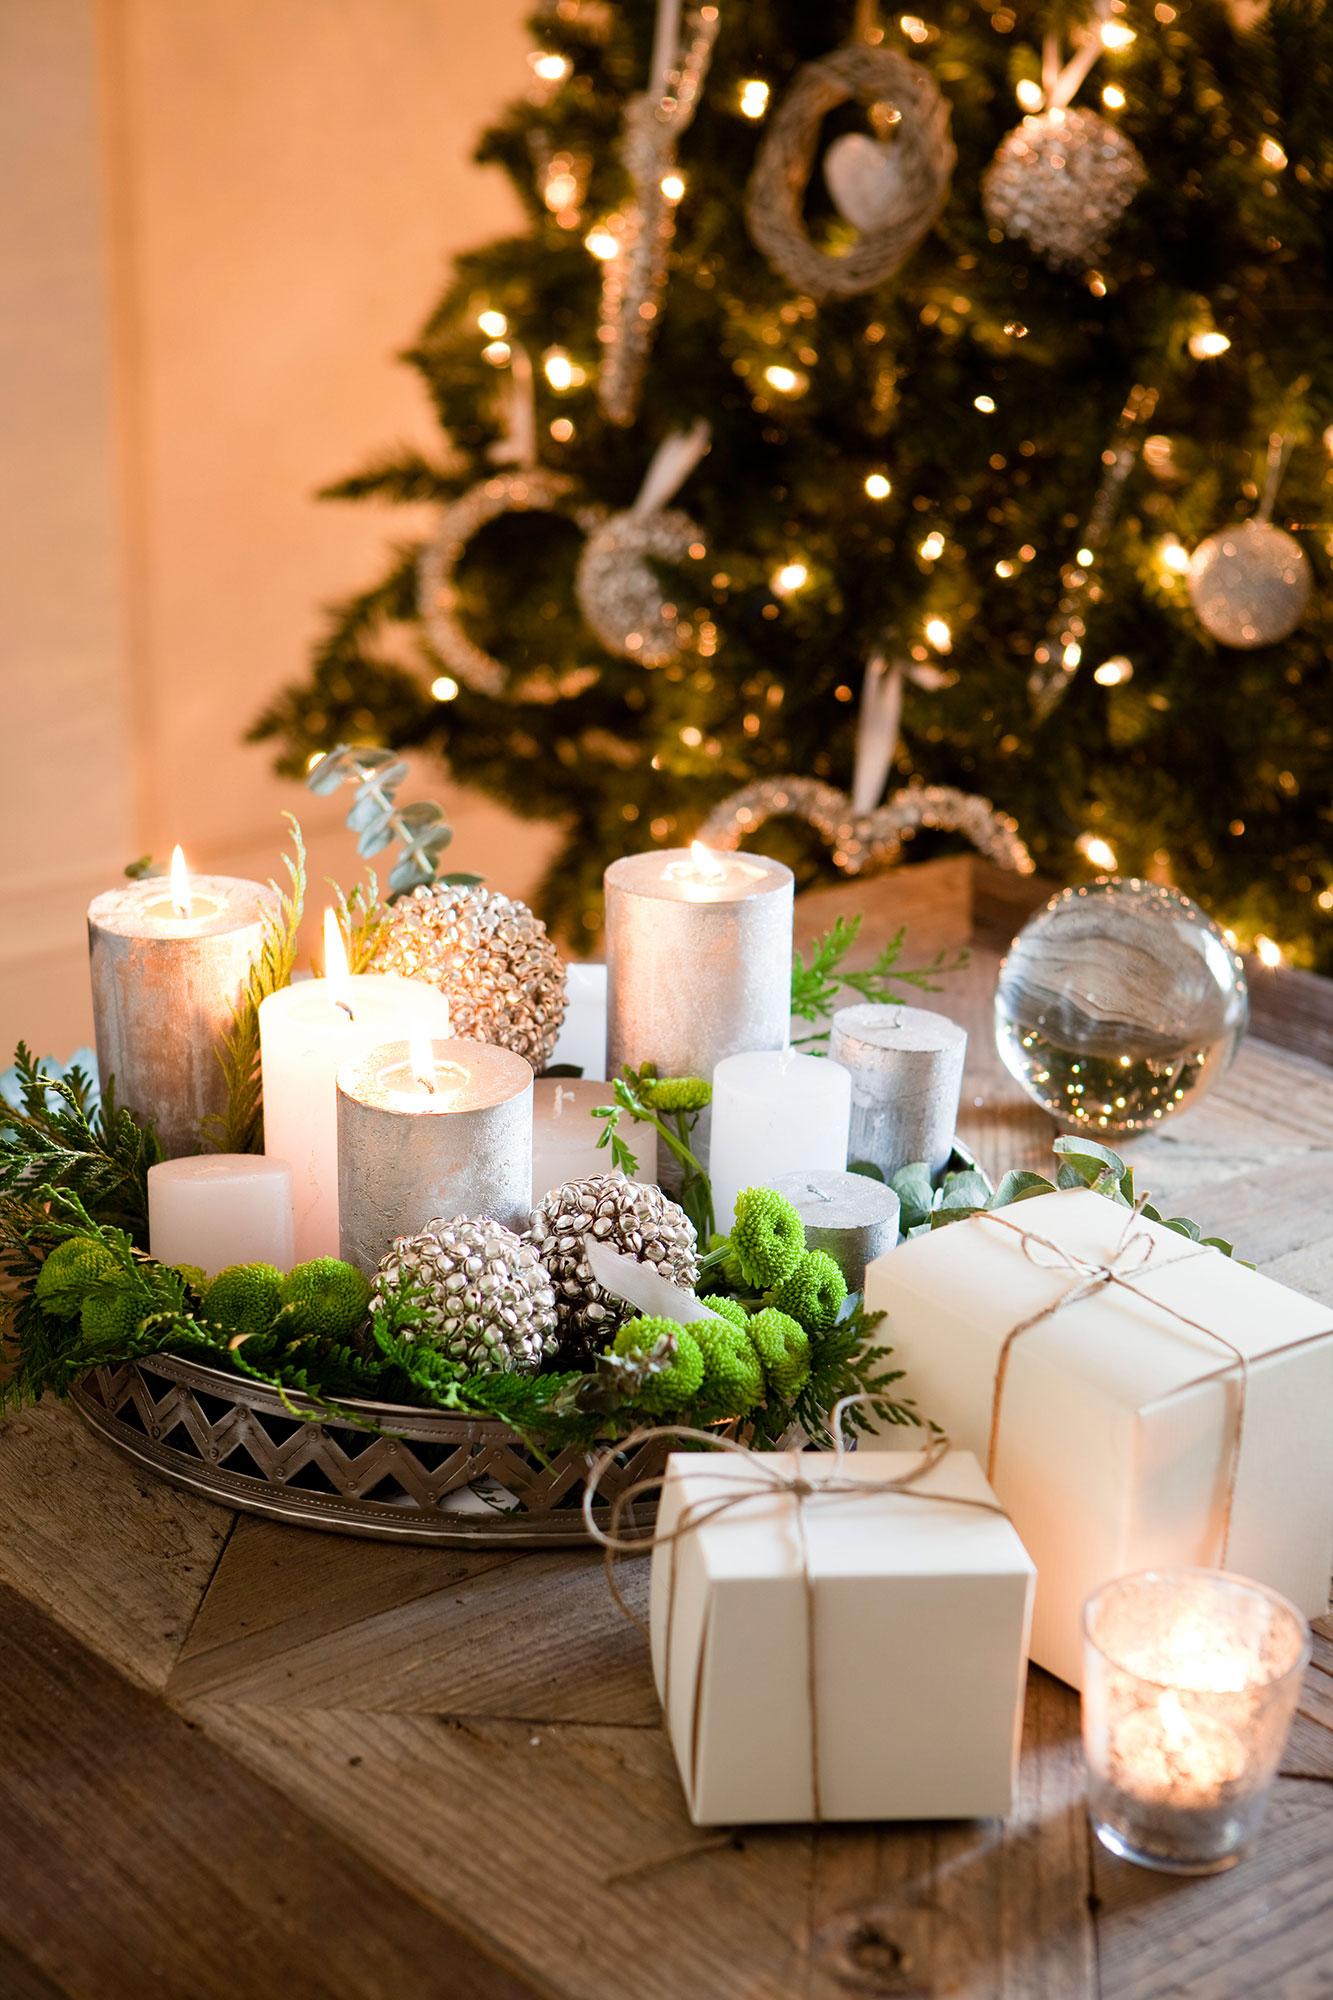 Detalles e ideas en plata para decorar tu casa esta navidad for Cosas decorativas para navidad